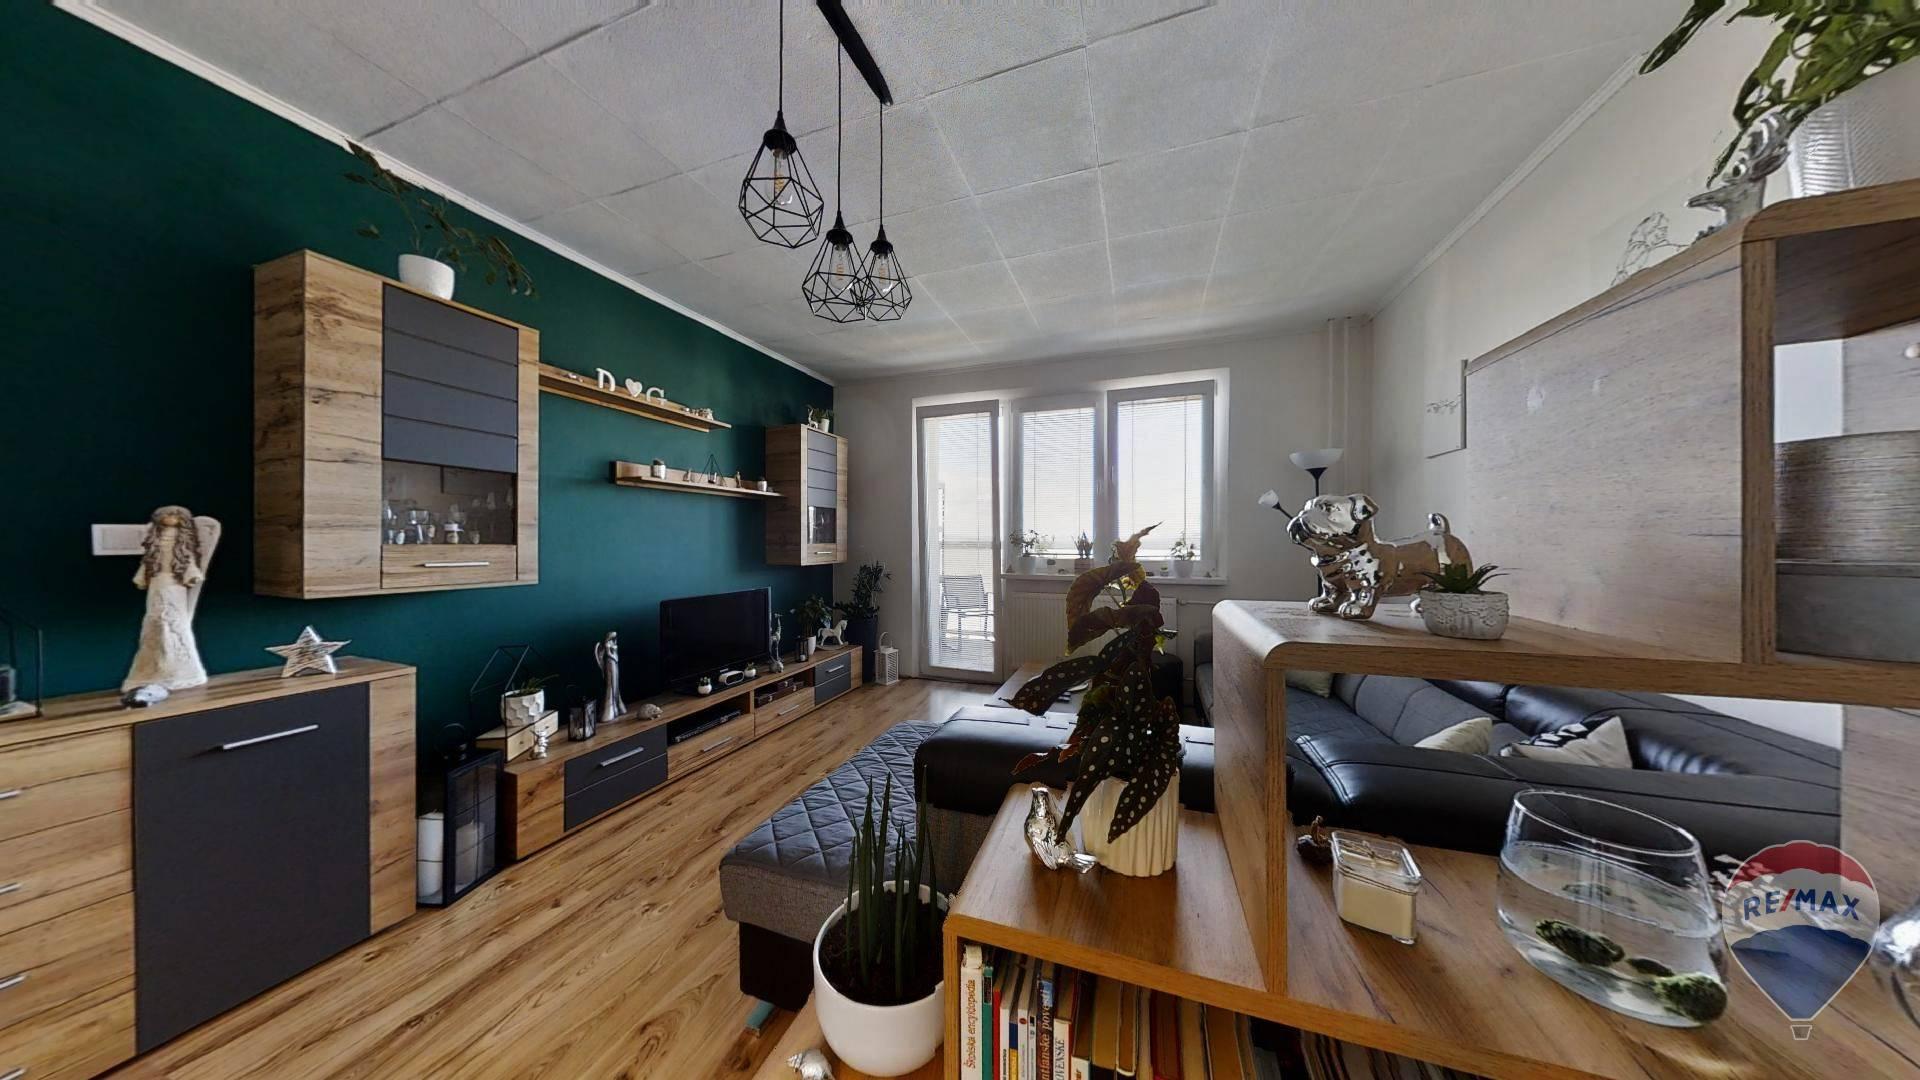 2 izbový byt 56 m2 s balkónom na predaj v Dubnici nad váhom